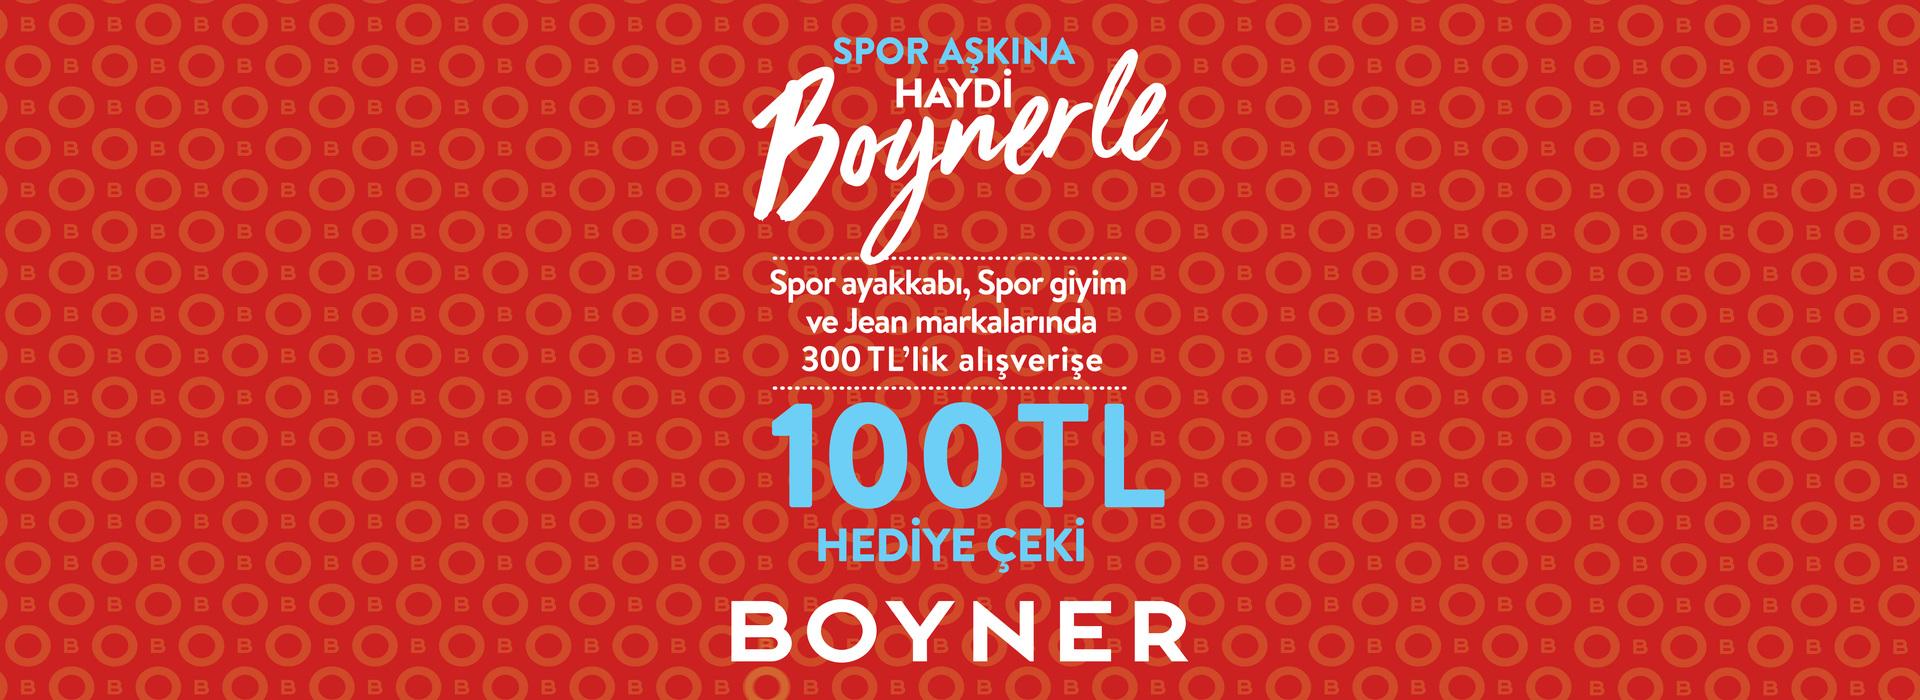 Boyner - Spor Aşkına